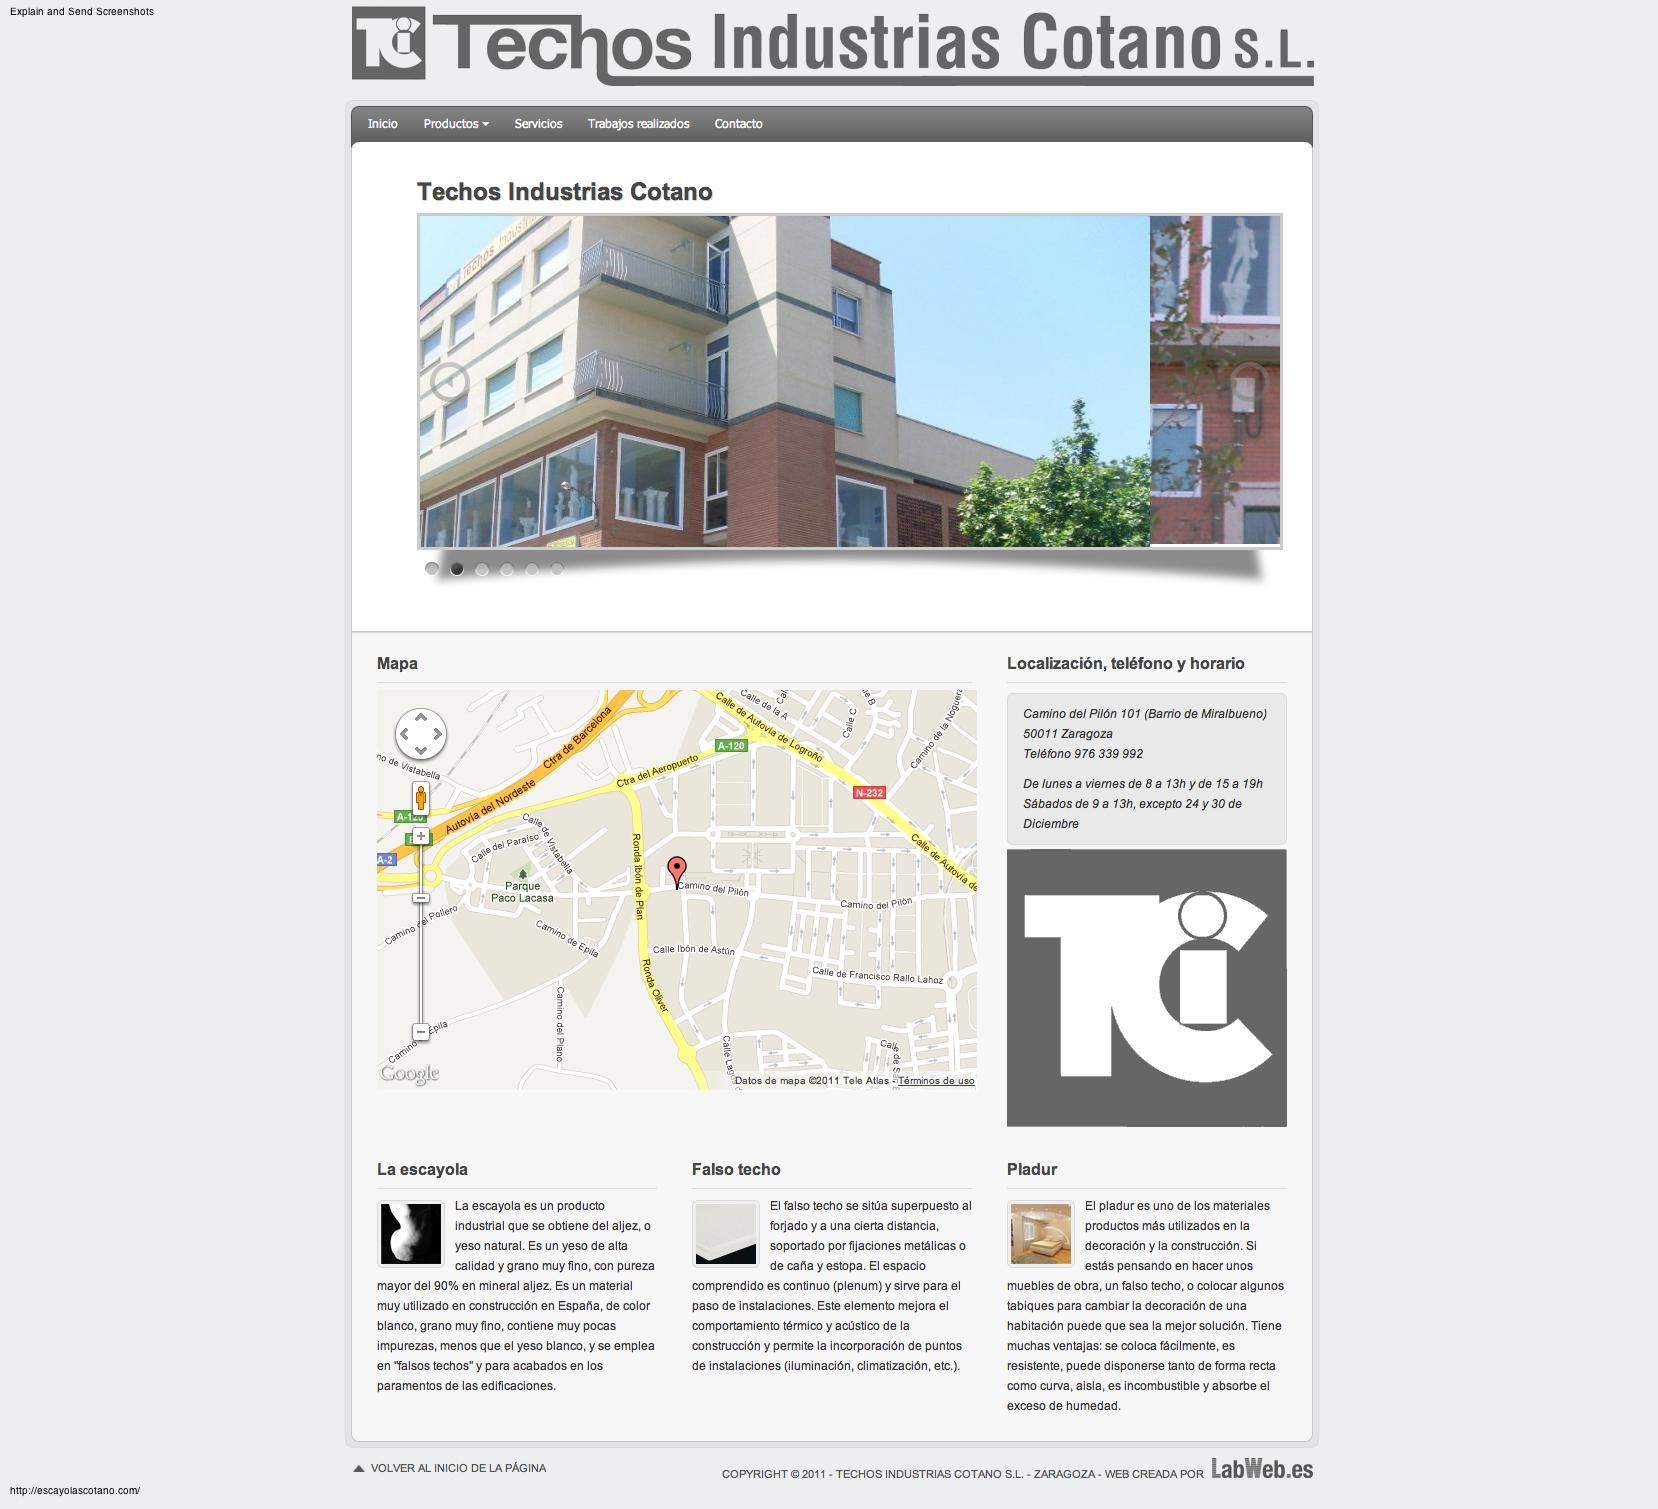 Techos Industrias Cotano